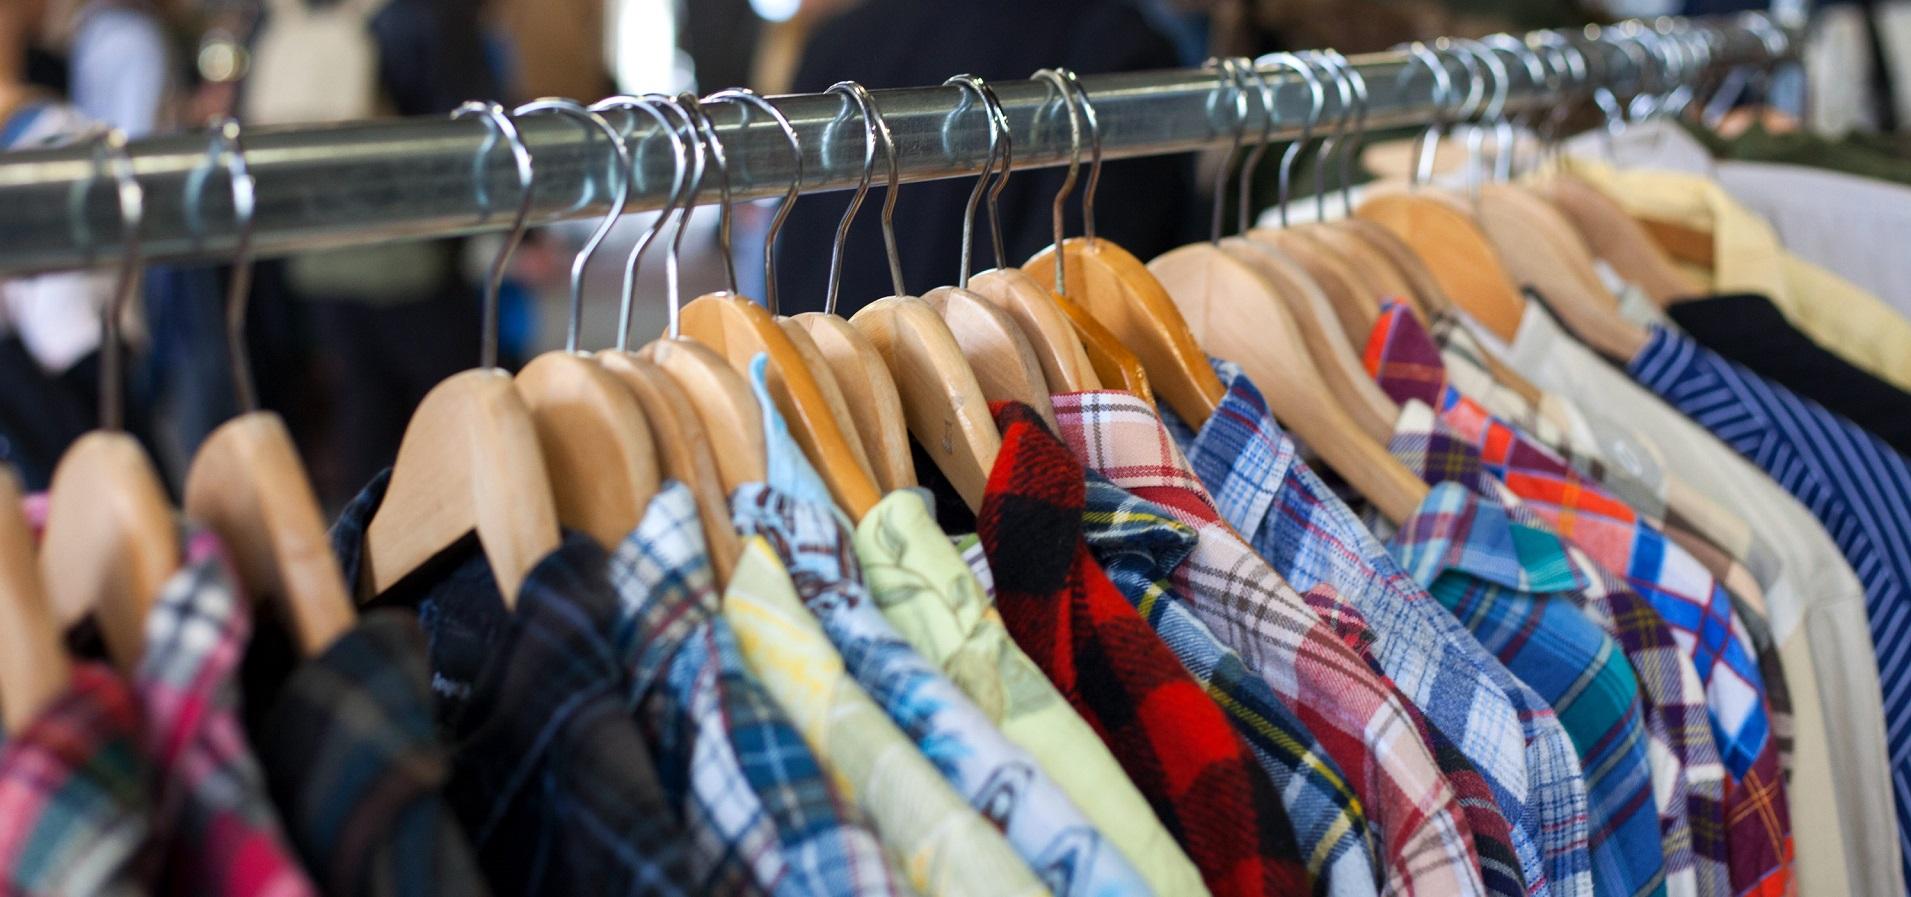 Mách bạn nguồn hàng quần áo giá rẻ dưới 50k từ Bắc vào Nam